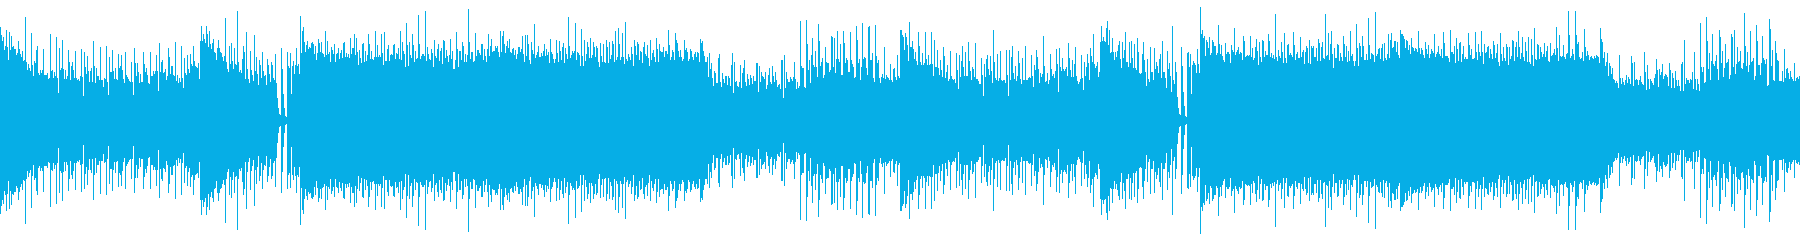 【ループ版】EDM アグレッシブ…の再生済みの波形